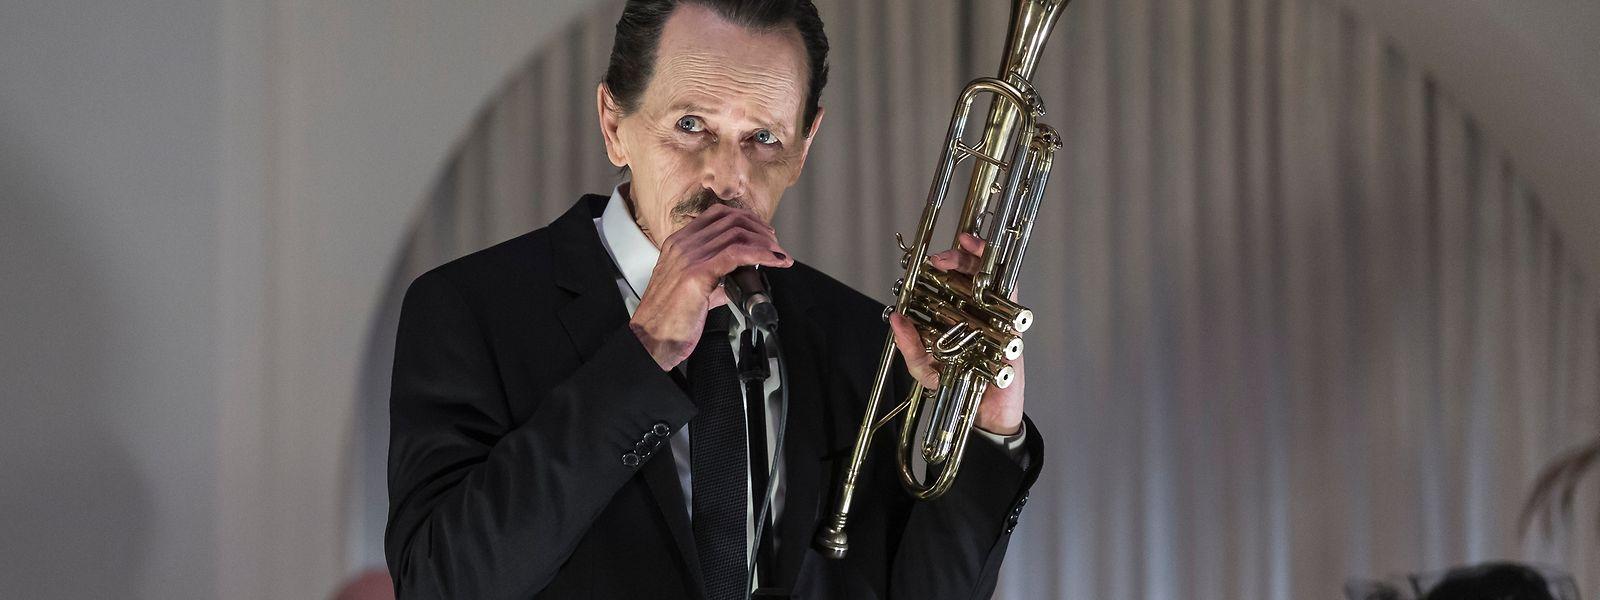 L'acteur canadien Stephen McHattie campe un trompettiste héroïnomane, accablé par une crise existentielle.